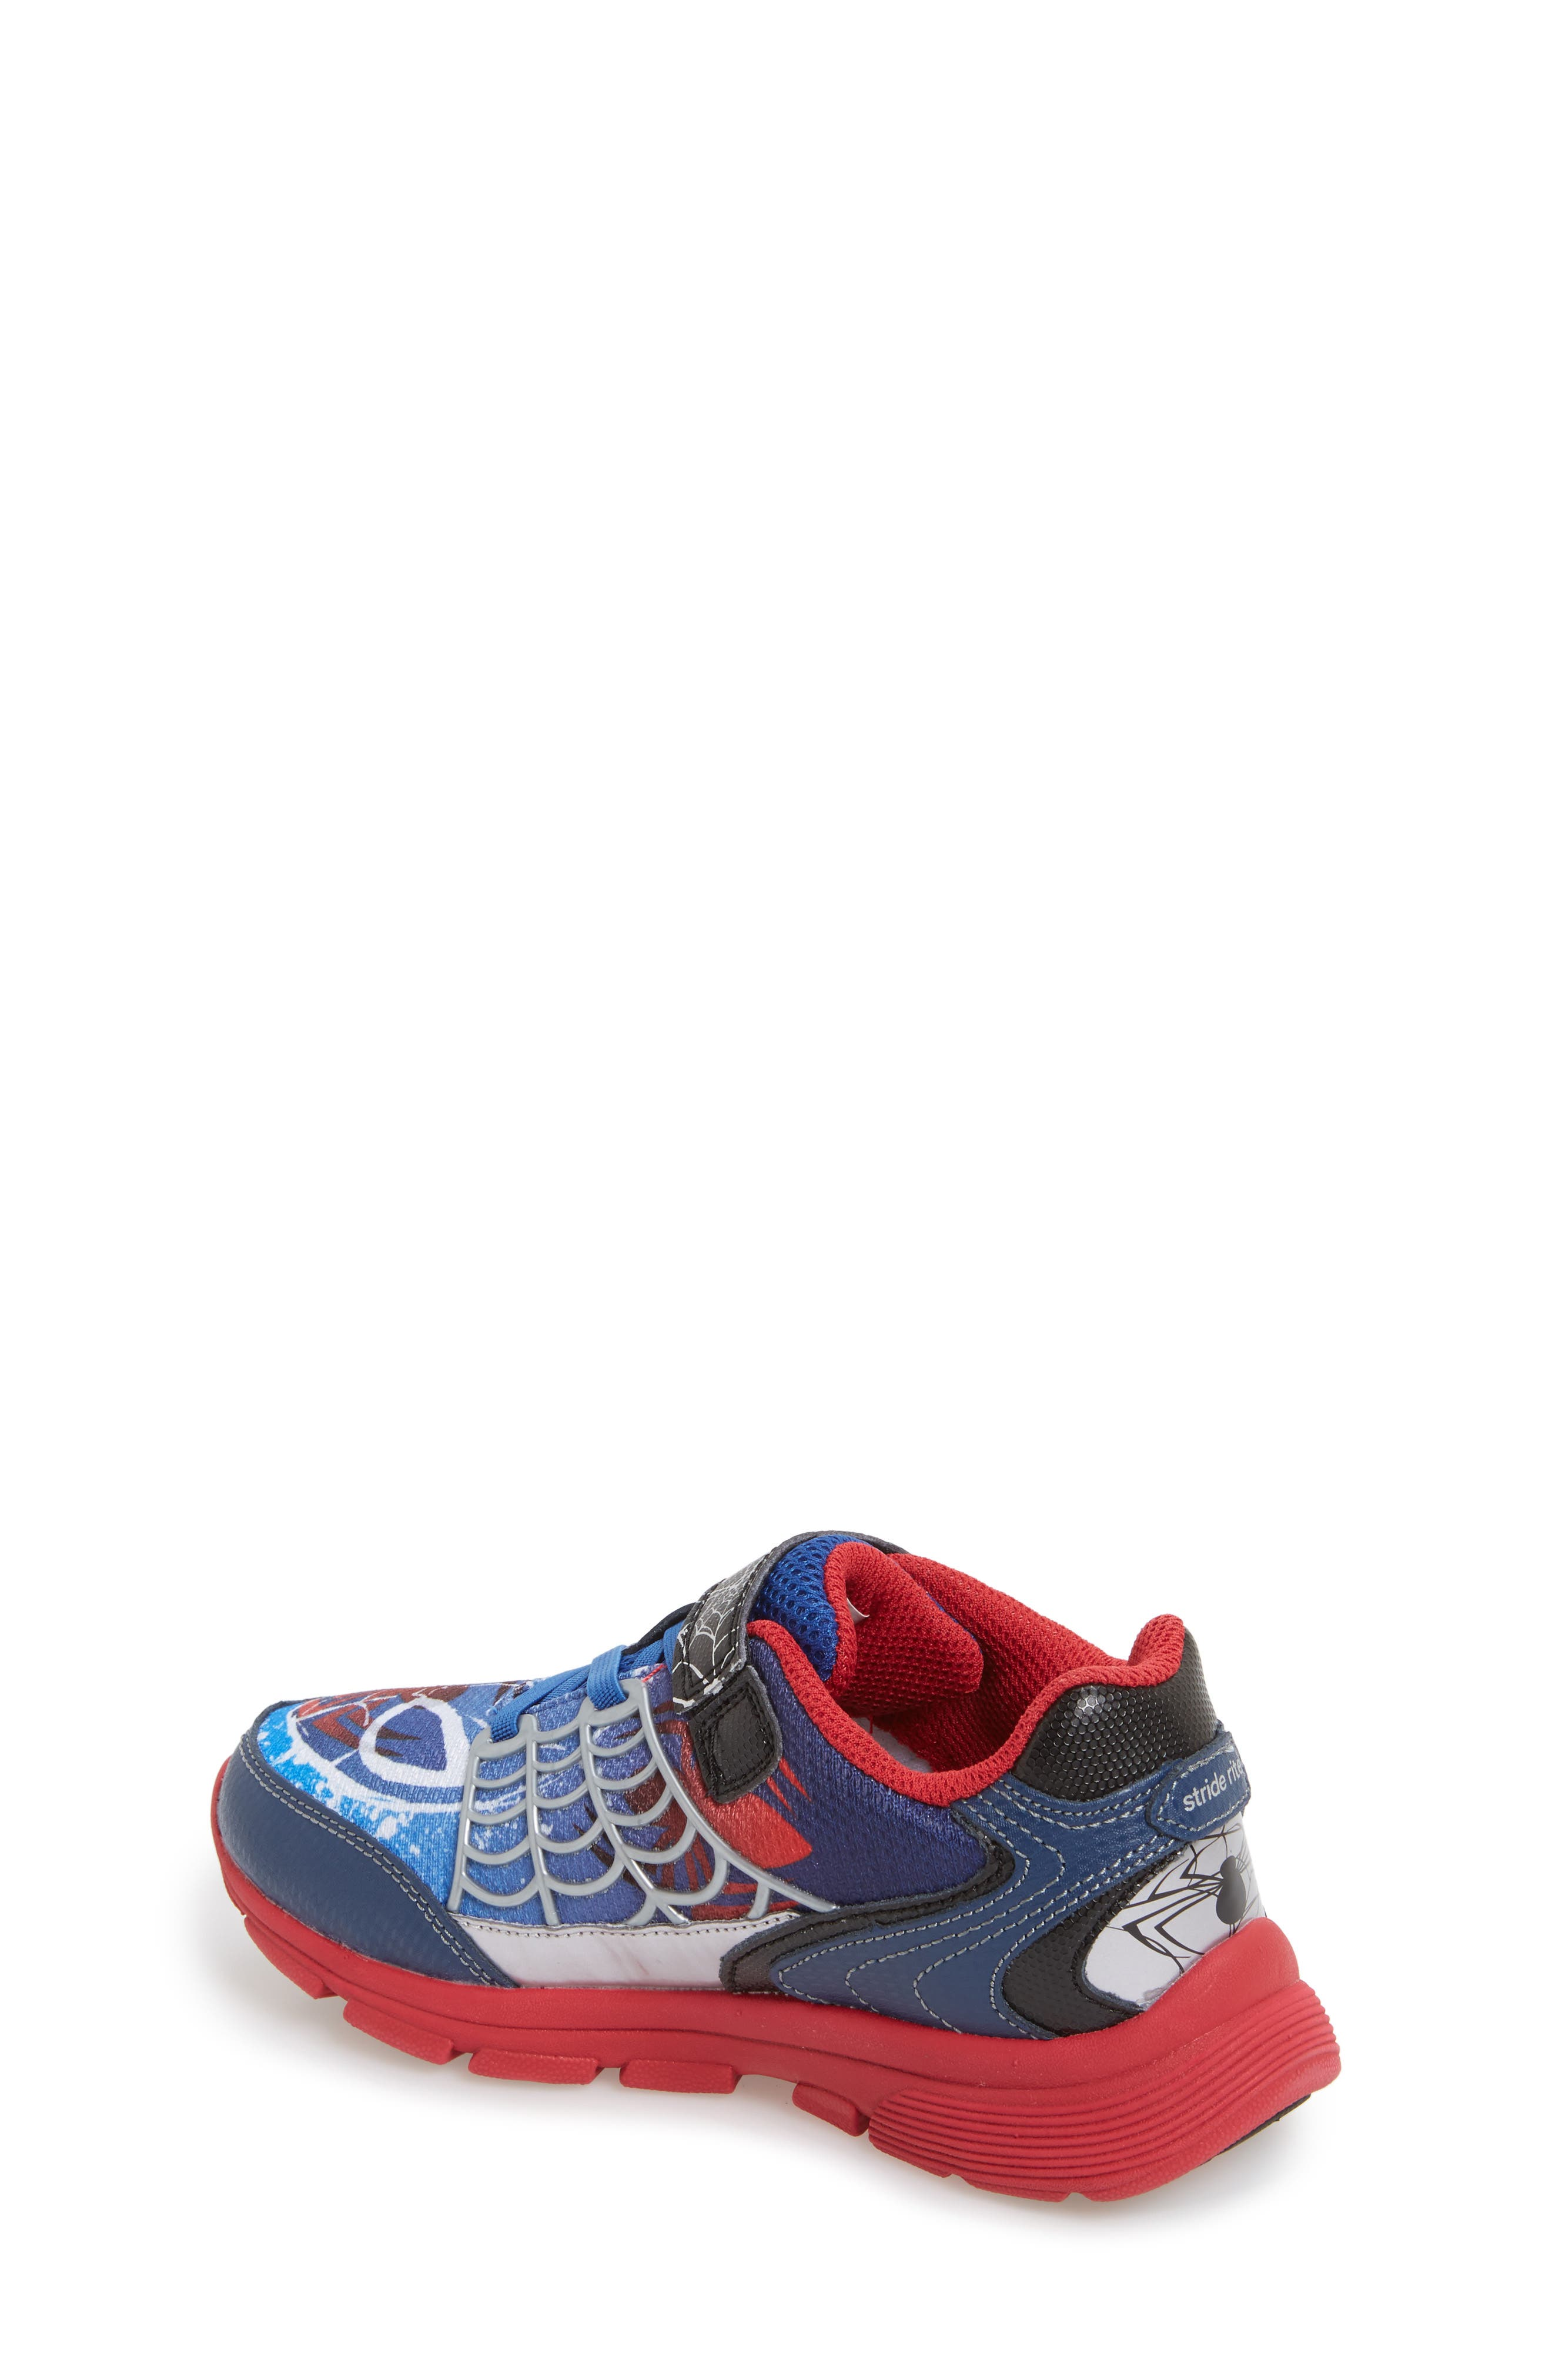 Spidey Sense Light-Up Sneaker,                             Alternate thumbnail 2, color,